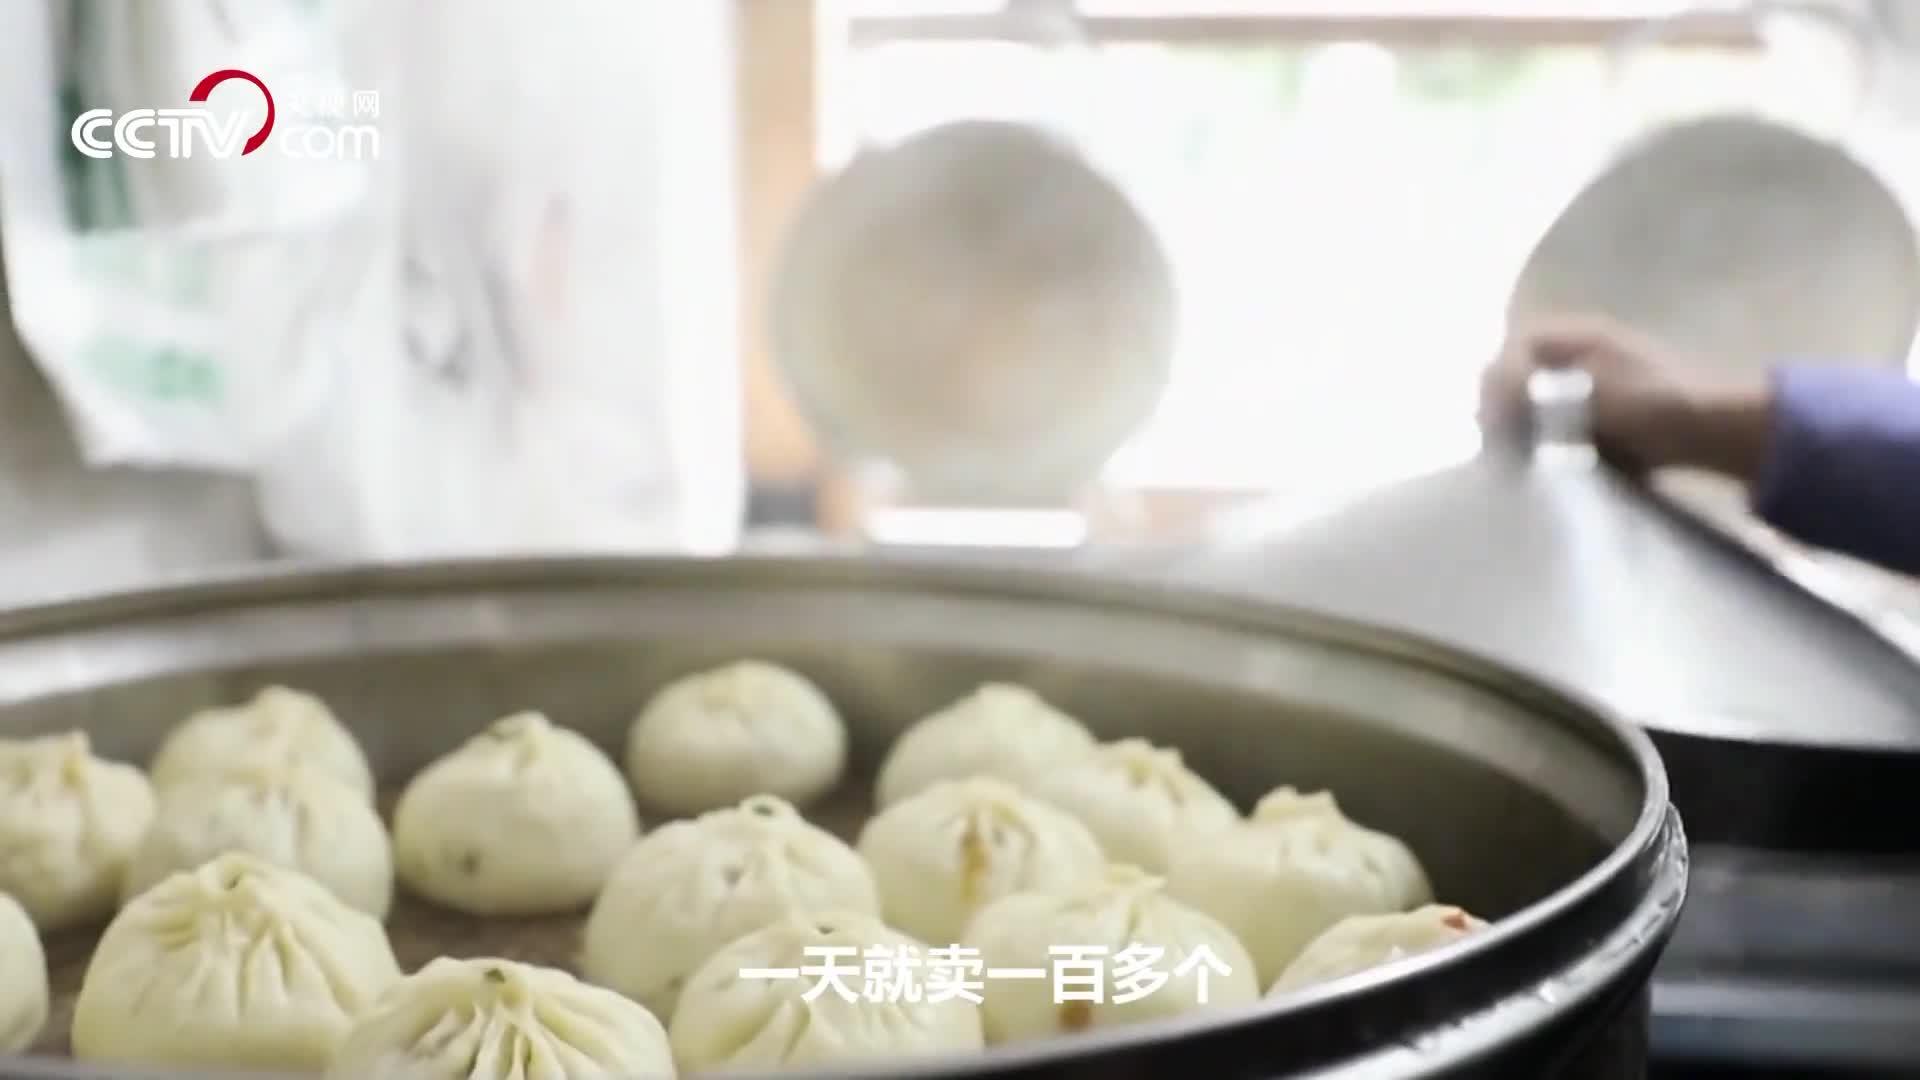 [视频]1个包子4元!四川首家扶贫体验餐厅成为高价网红店